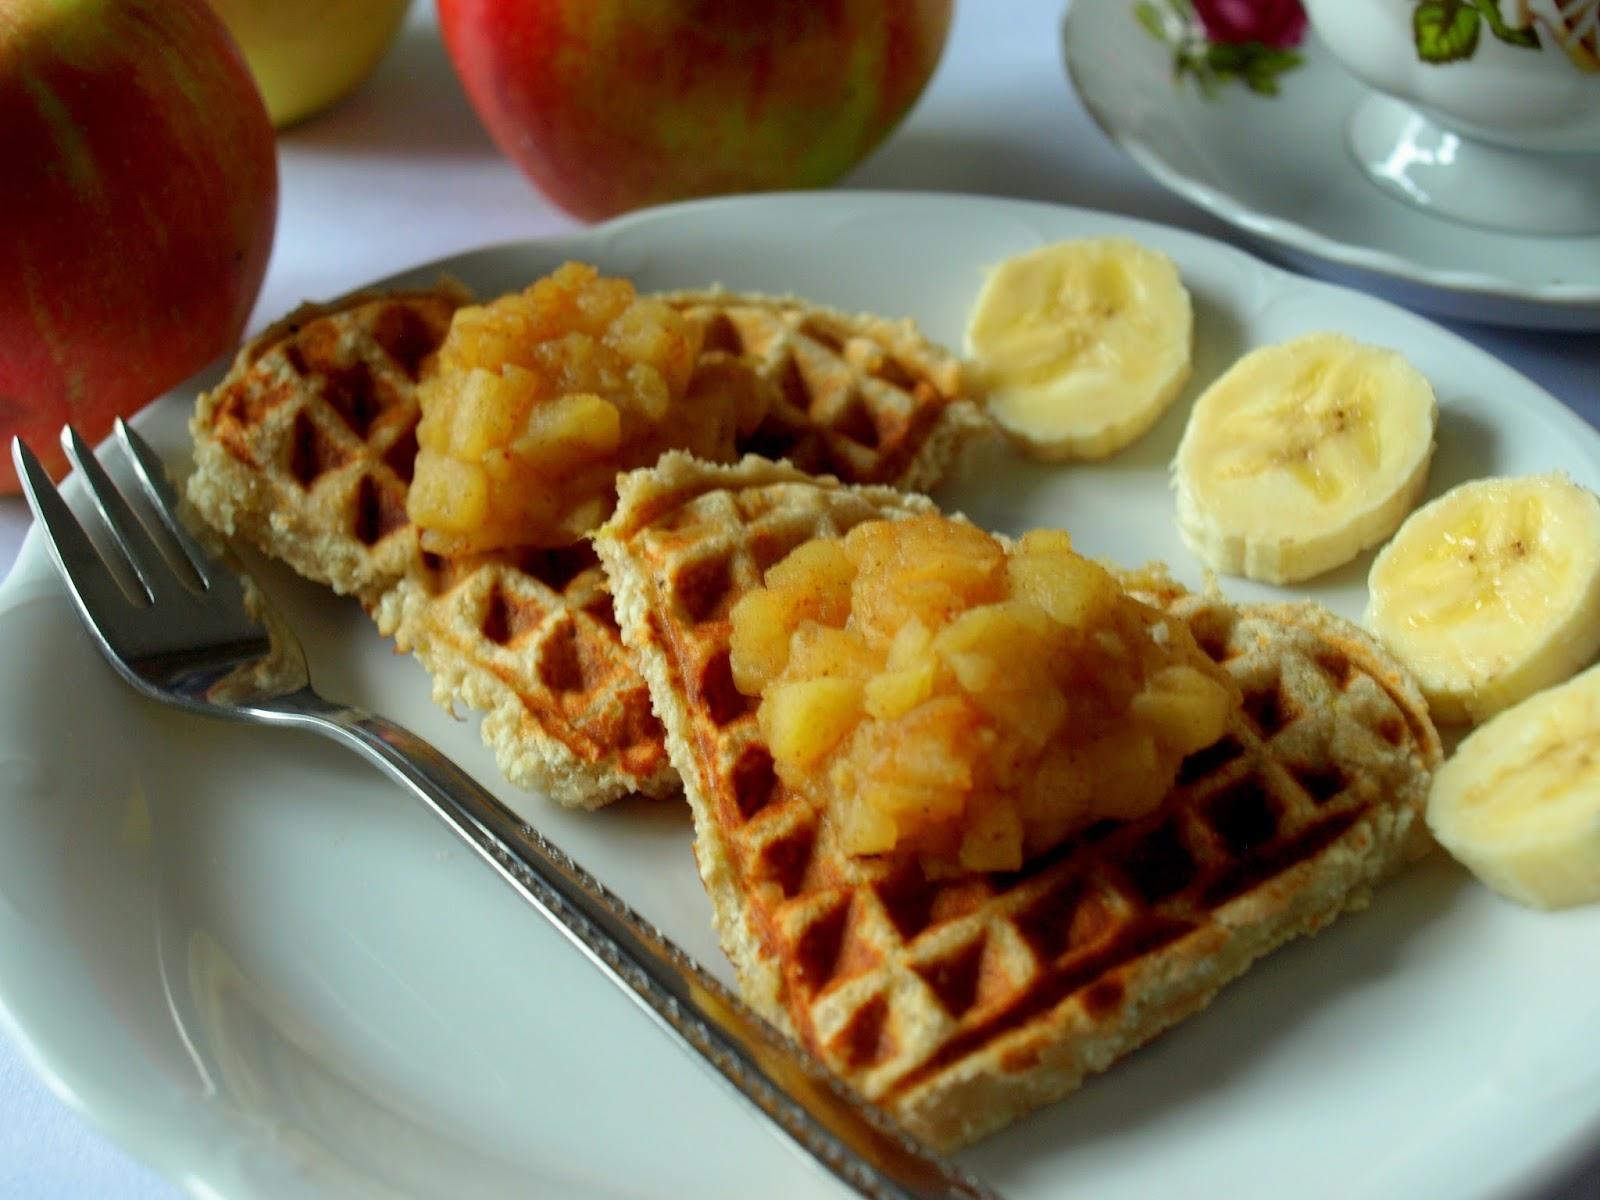 AIP Gofry bananowe z musem jabłkowym (bez jajek, glutenu, cukru, mleka) idealne na śniadanie